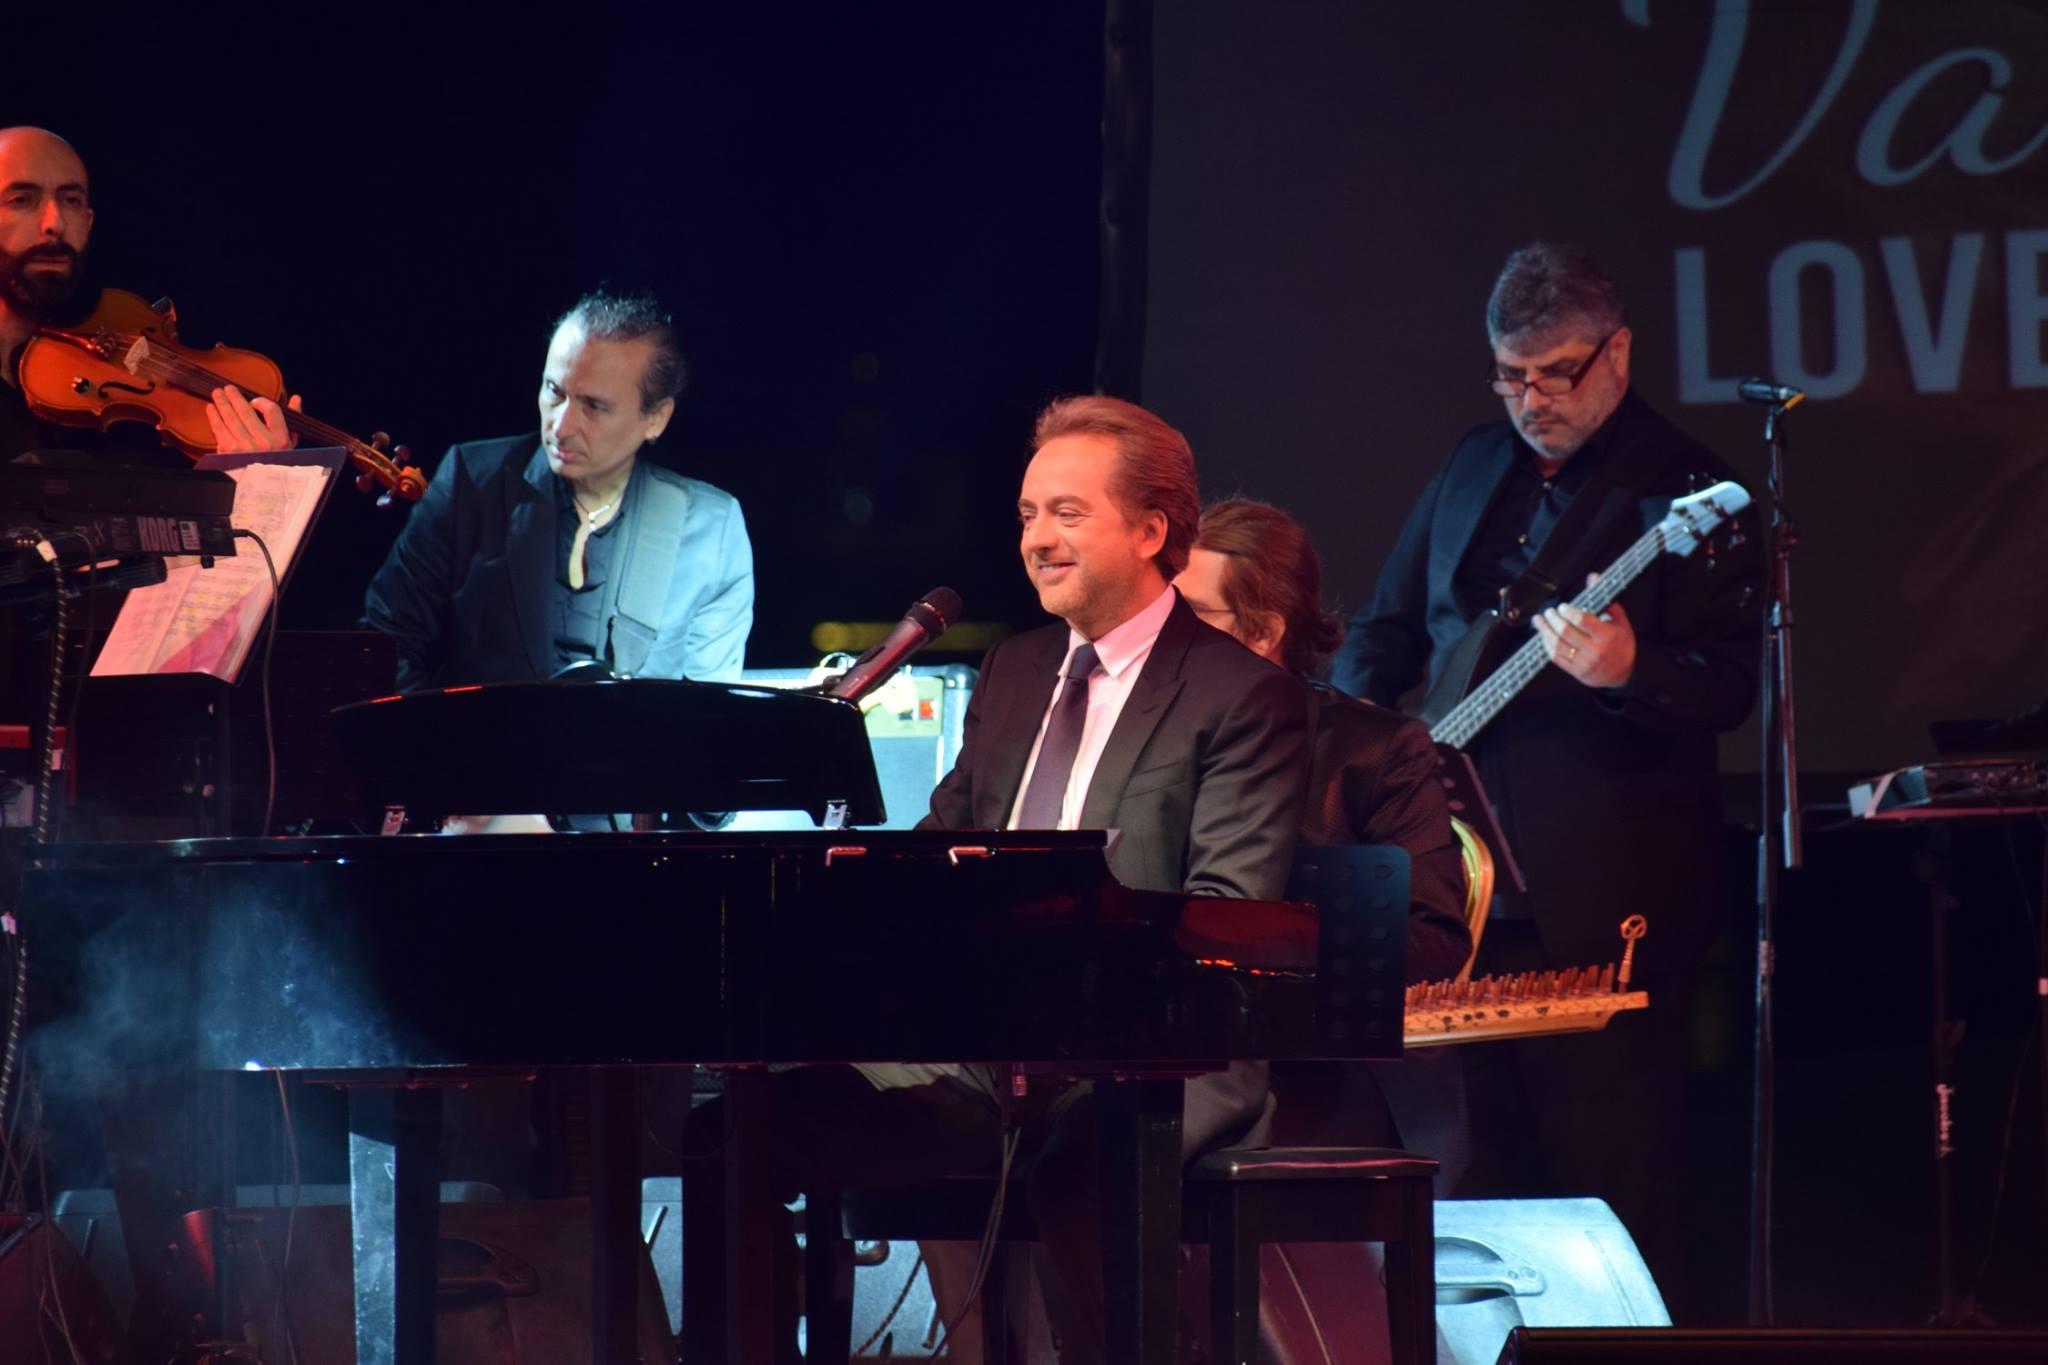 """أعاد الفنان اللبناني مروان خوري طرح أغنيته الشهيرة """"كل القصايد"""" بقالب فني وموسيقي جديد"""